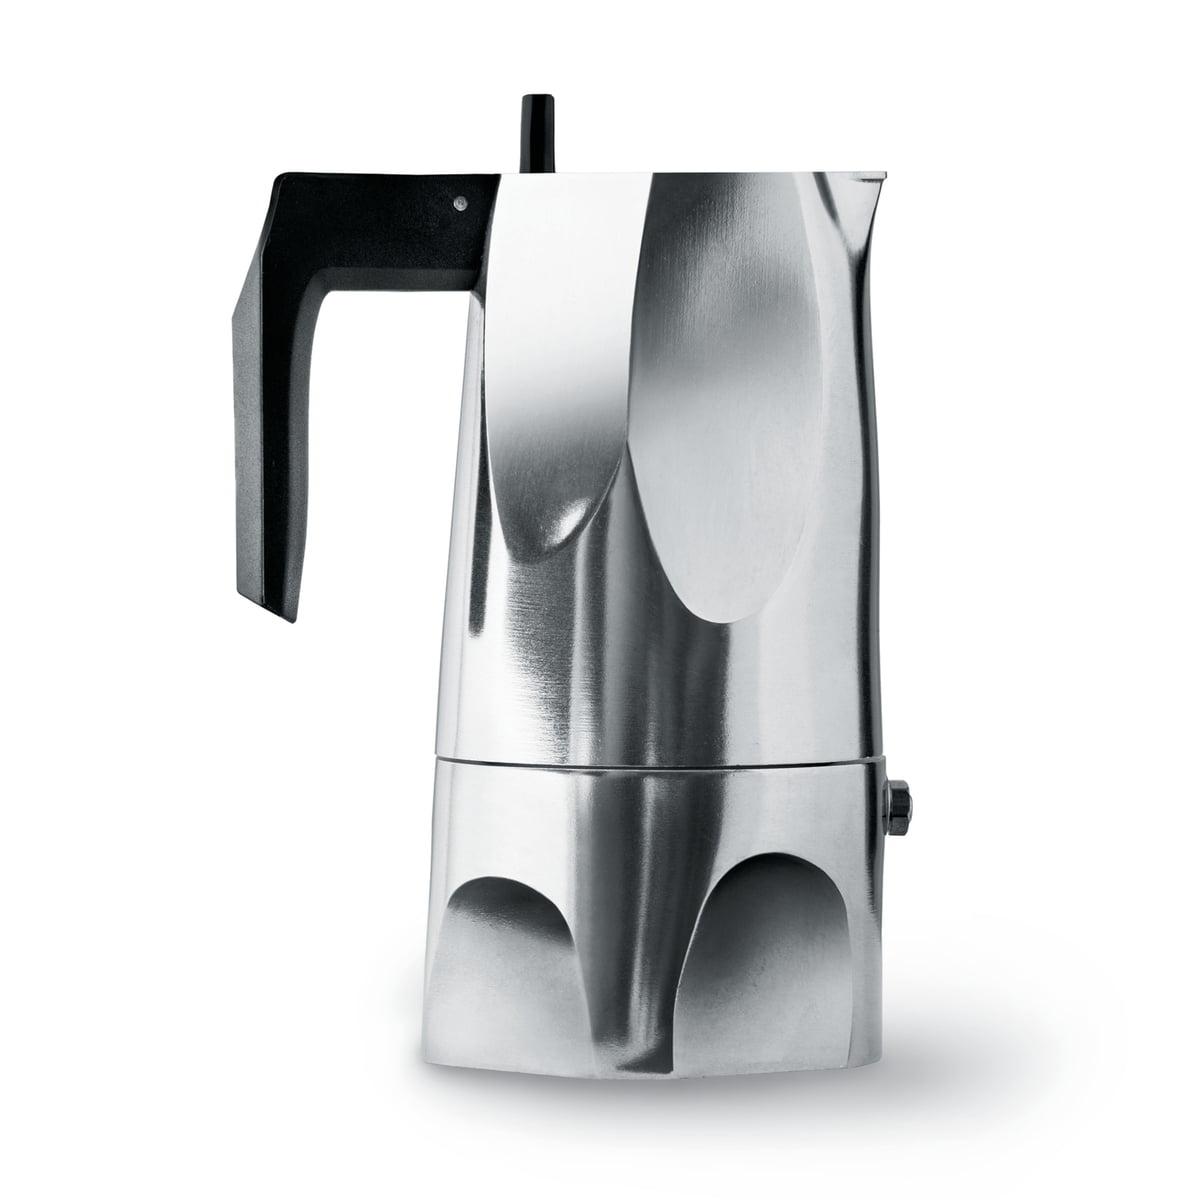 Alessi - MT18/3 Ossidiana Espressomaschine   Küche und Esszimmer > Kaffee und Tee   Aluminium   Gußaluminium -  thermoplastisches harz   Alessi